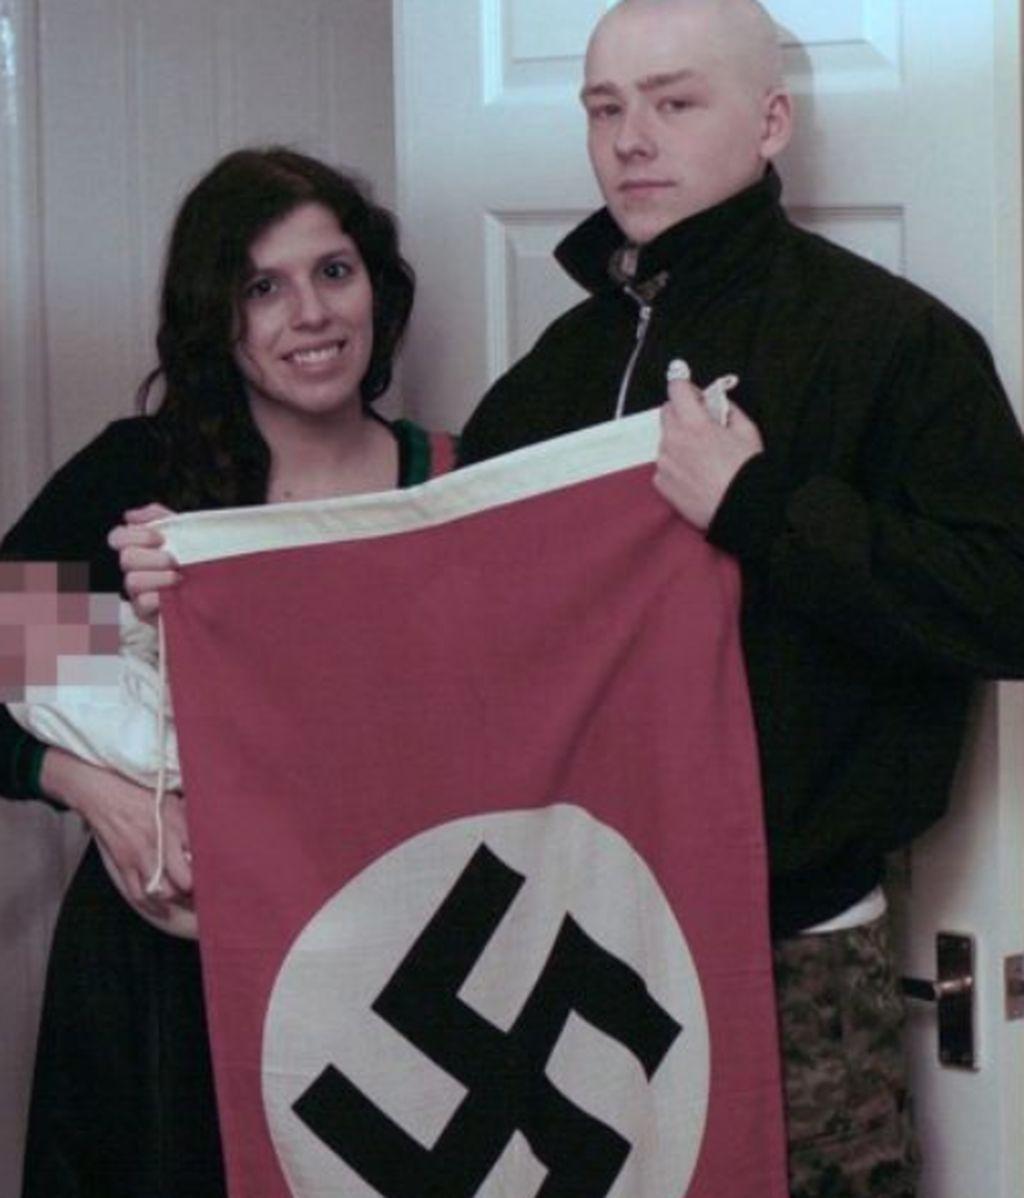 Una pareja condenada a la cárcel por llamar a su hijo Adolf Hitler y crear un grupo de seguidores